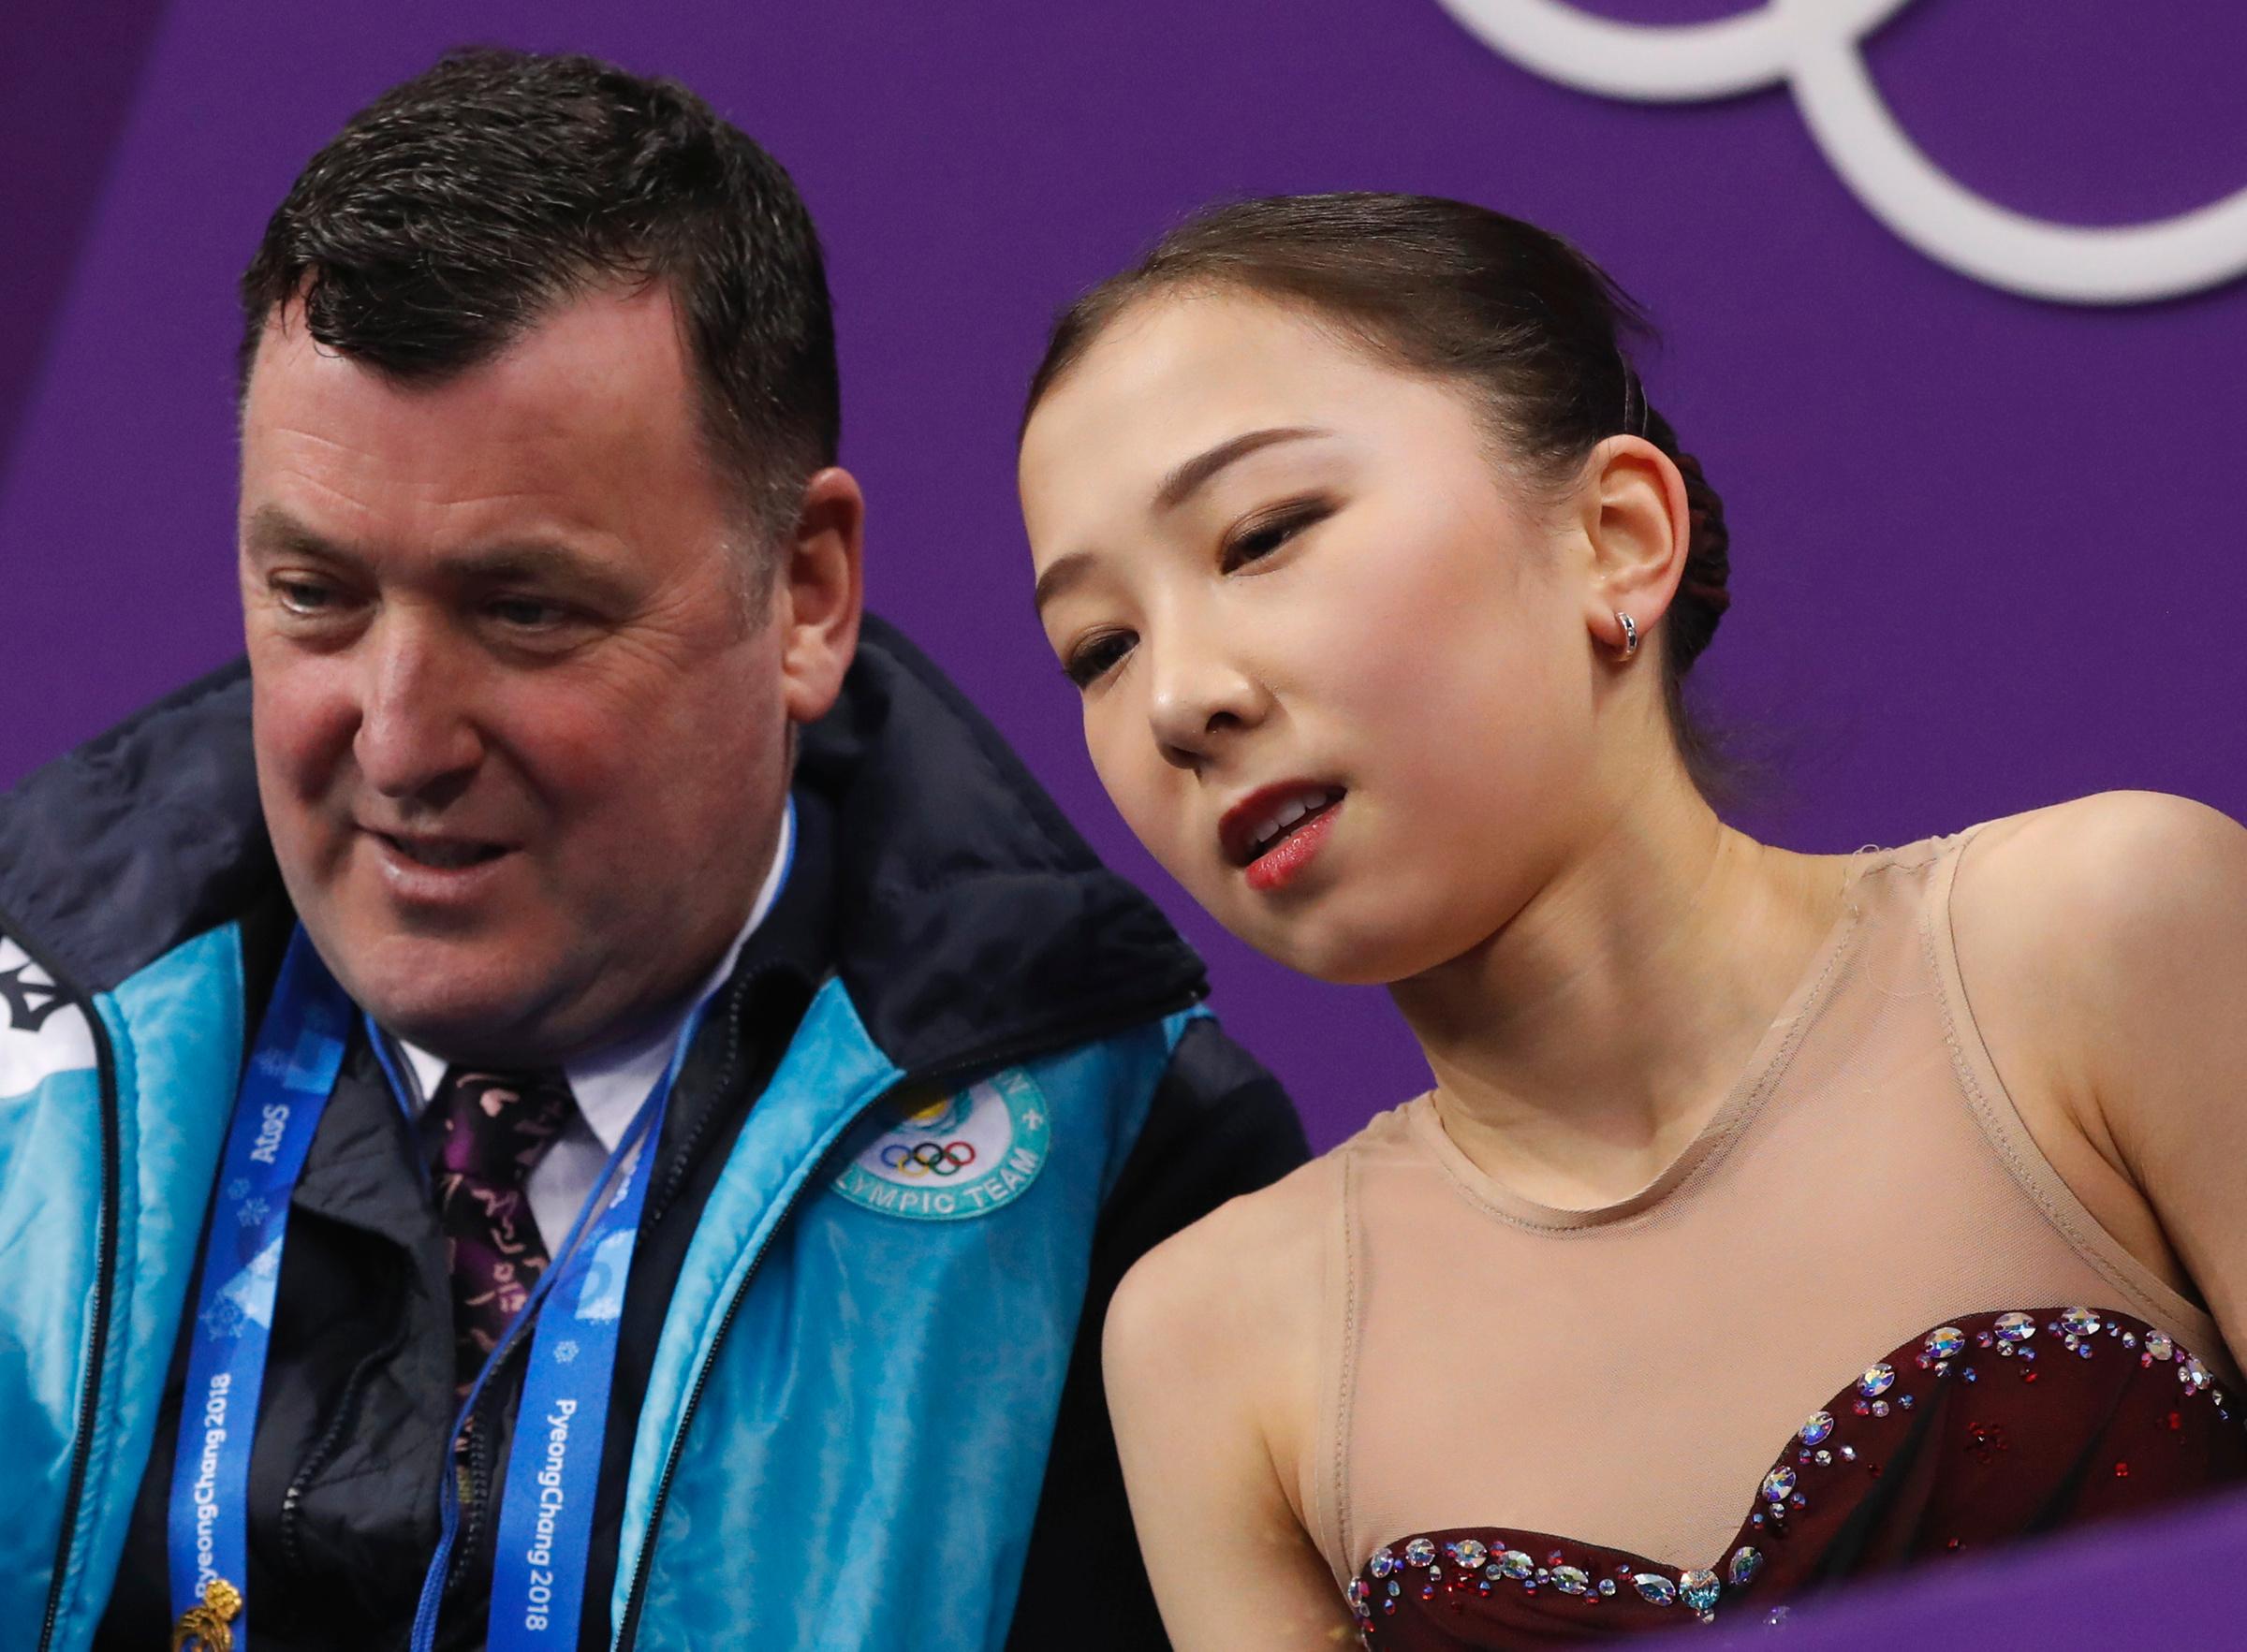 Орсер и Турсынбаева на ОИ-2018. Фото © AP / TASS / Bernat Armangue